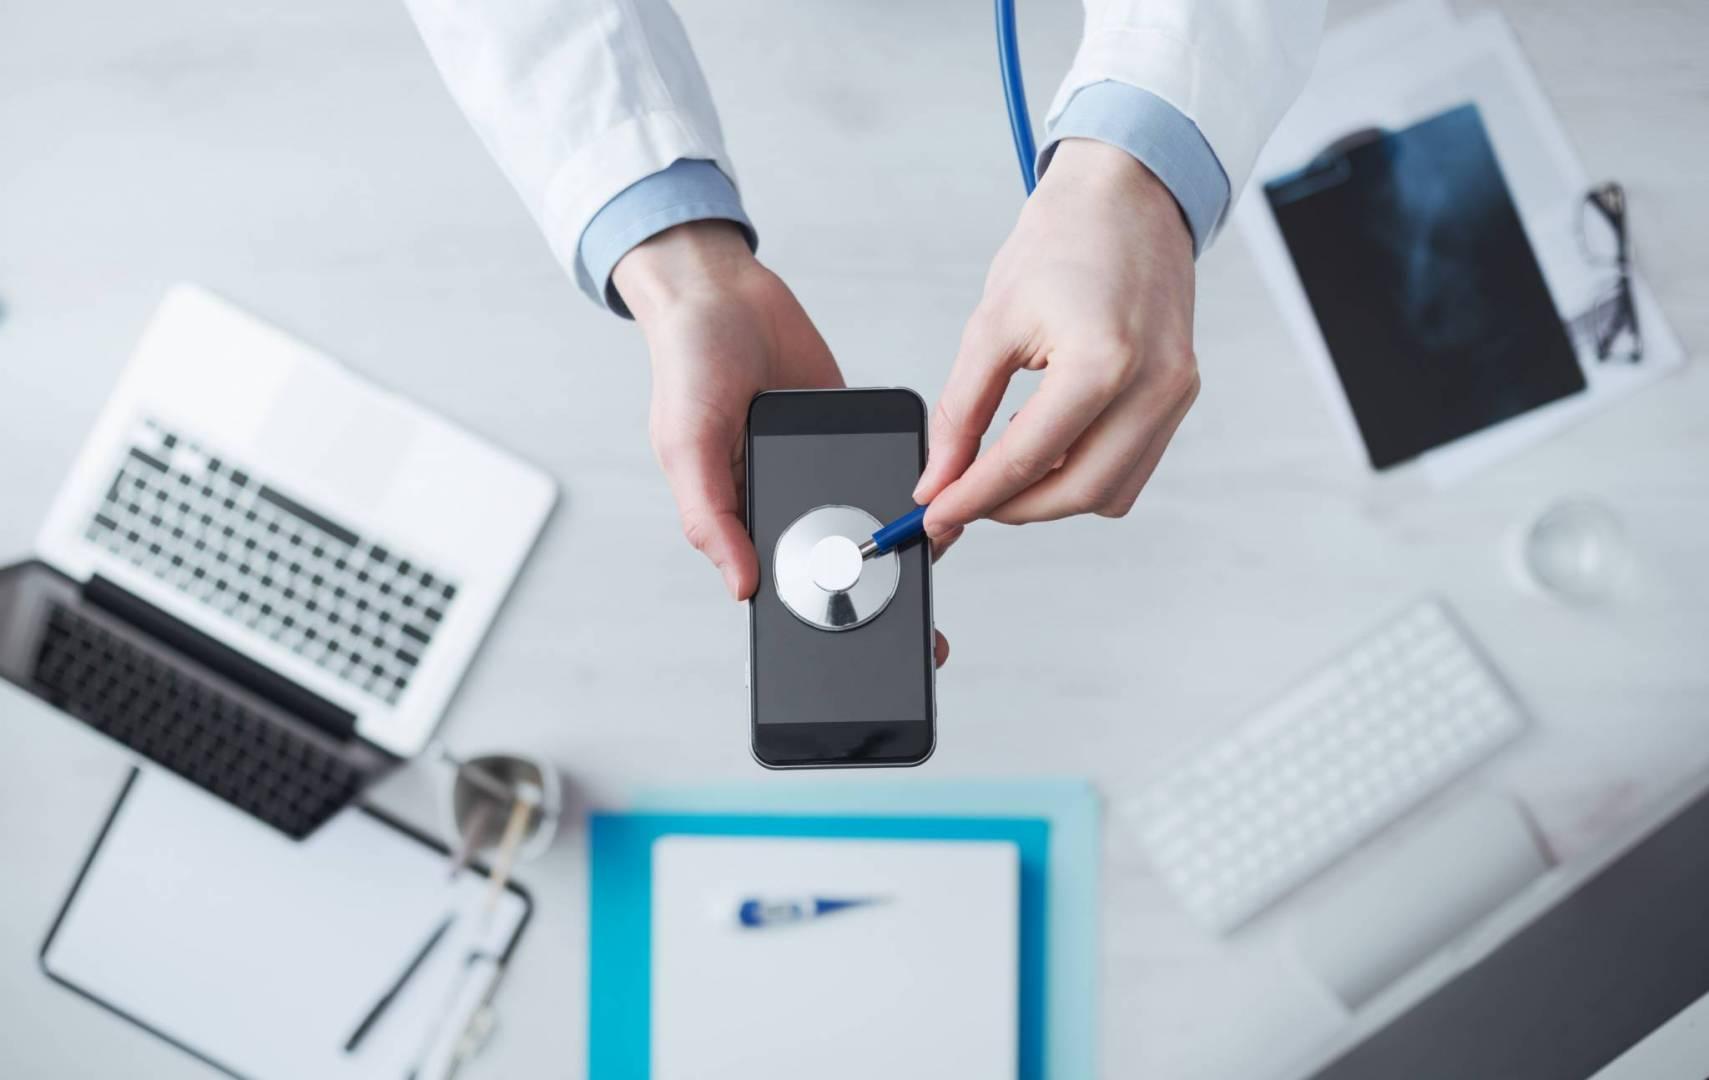 تشخيص عدوى «المسالك البولية» عبر كاميرات الهواتف الذكية في 25 دقيقة!